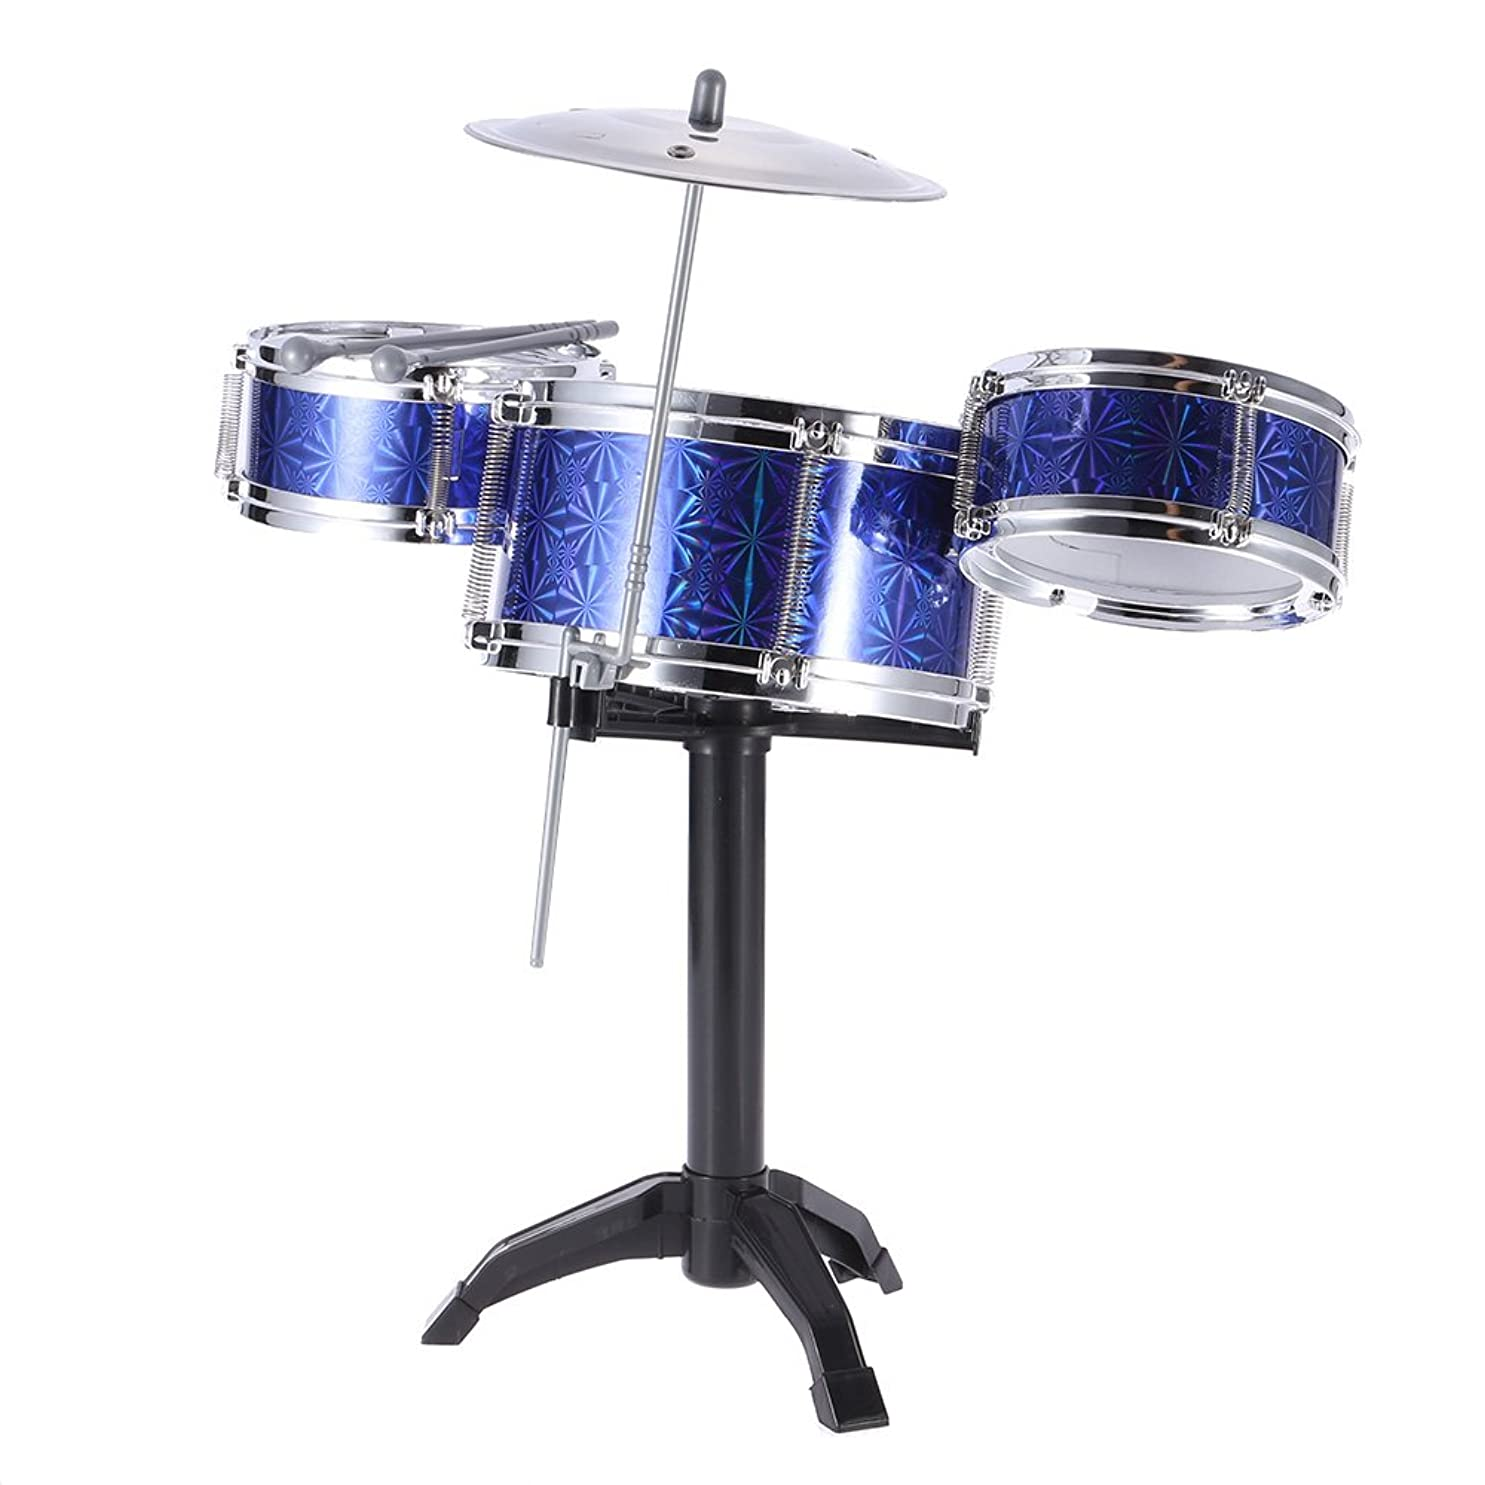 戦士鮮やかな殉教者ammoon 7点セット キッズドラム ドラムセット 3色選択 楽器 玩具 3ドラム/1小シンバル/2スタンド/2ドラムスティック子供 キッズパーカッション